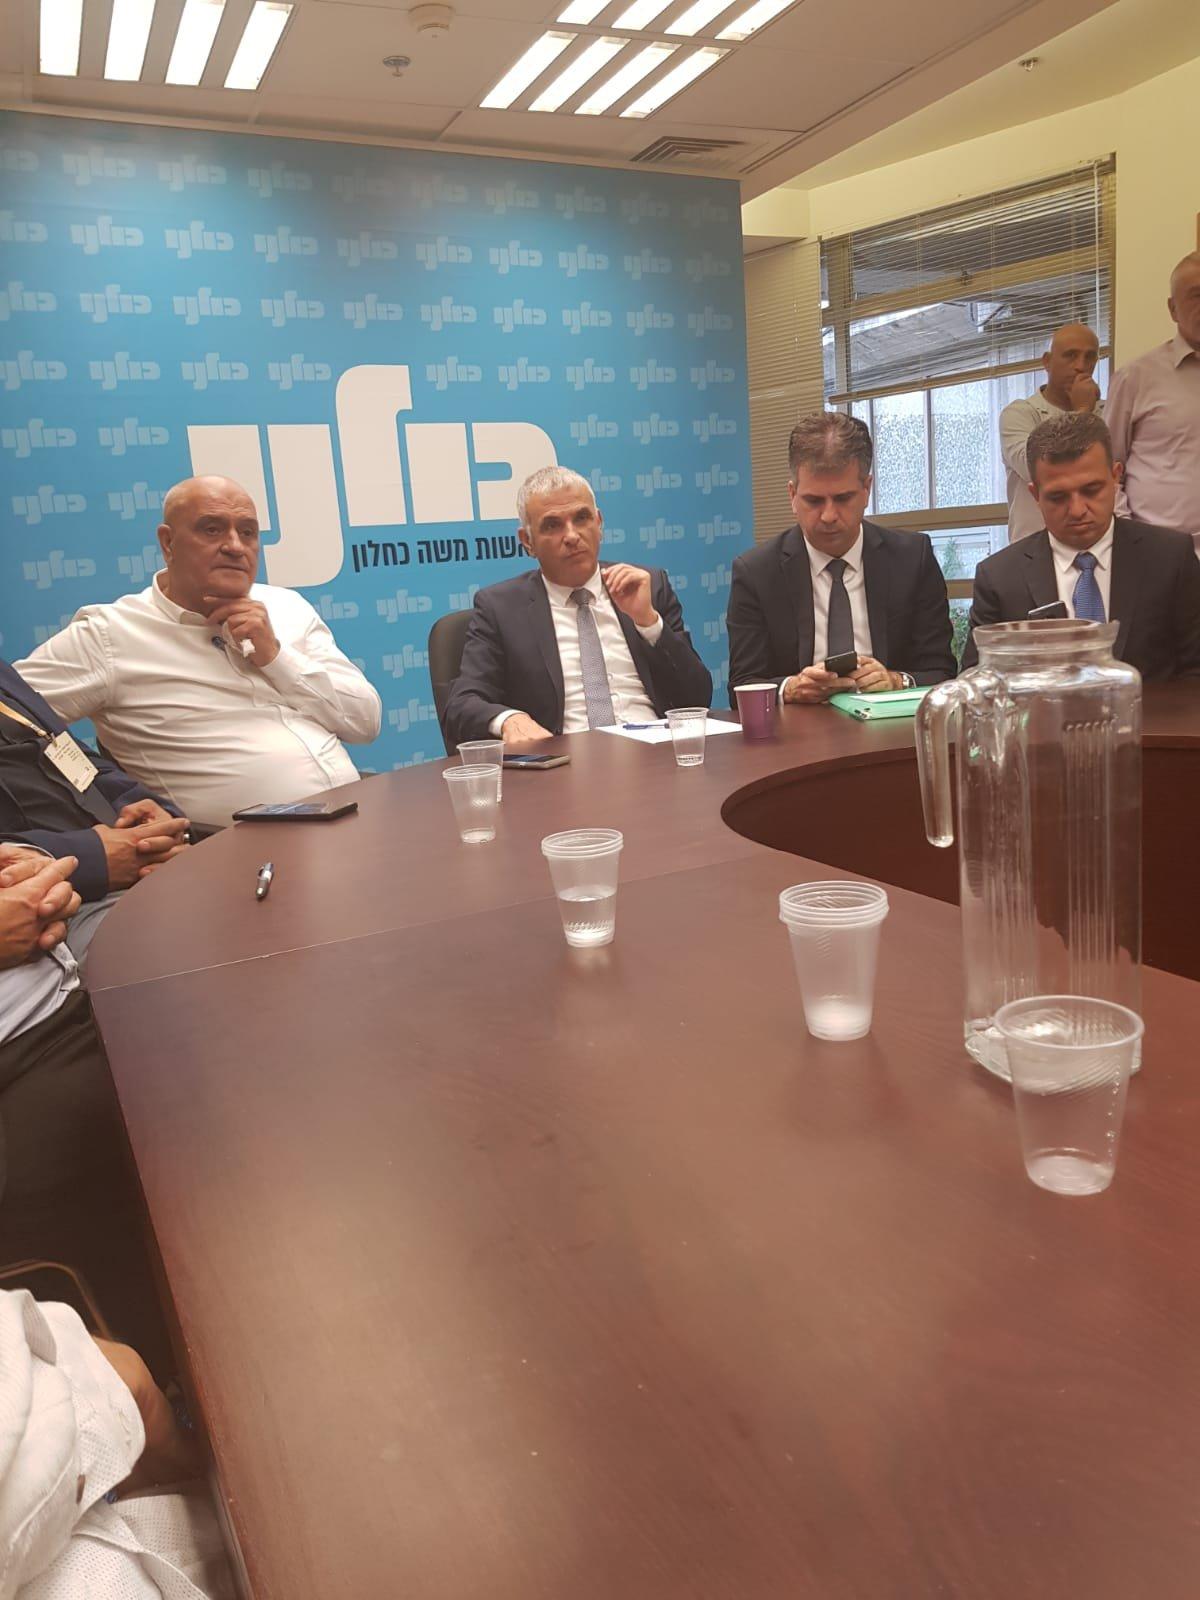 وزير المالية كحلون يجتمع مع رؤساء سلطات محلية ويعد برفع مستواها